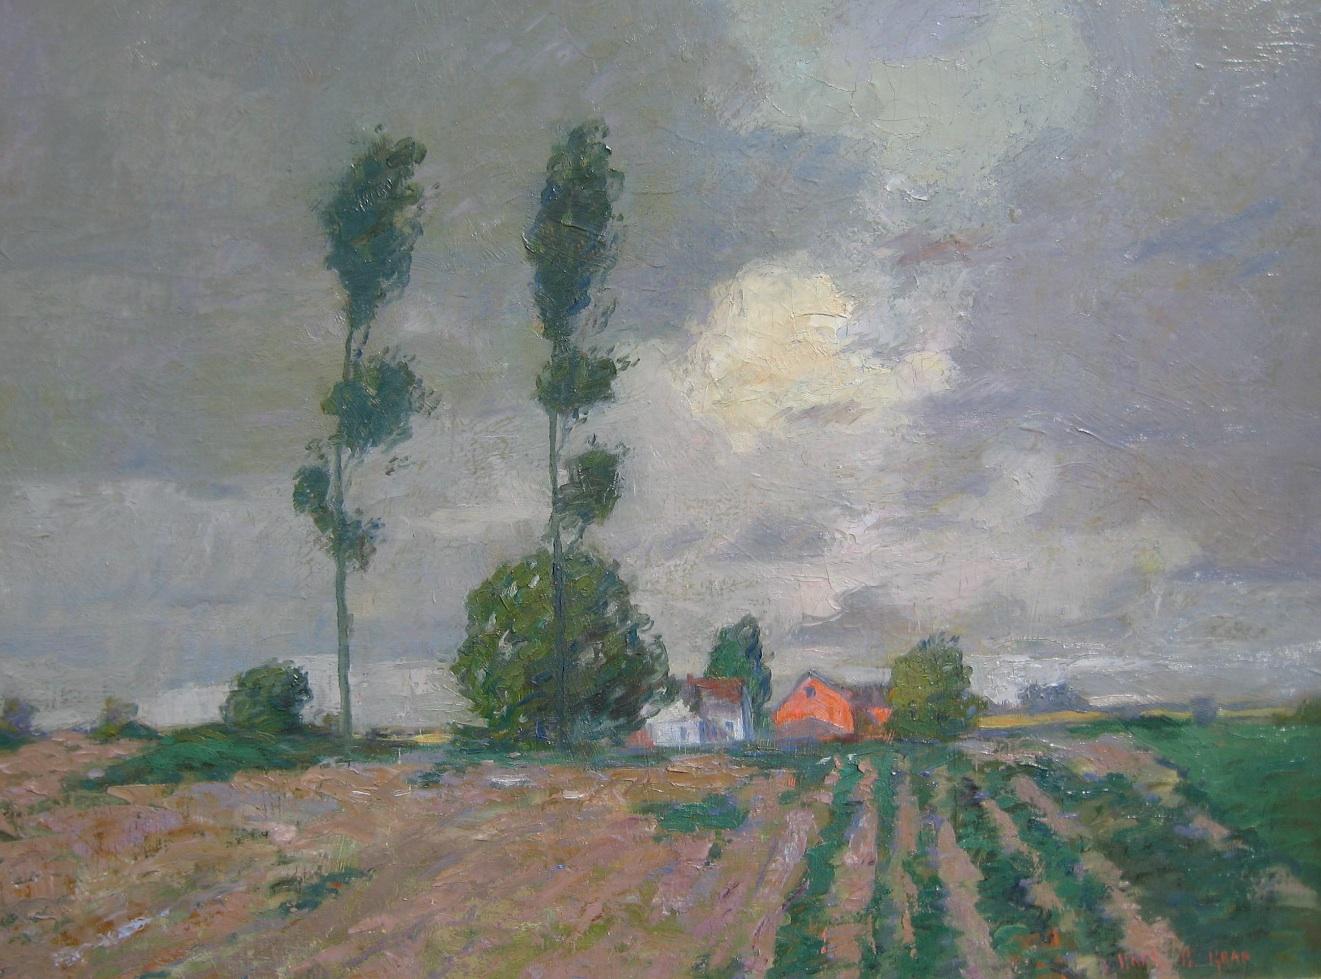 graf-landscape3-cropped